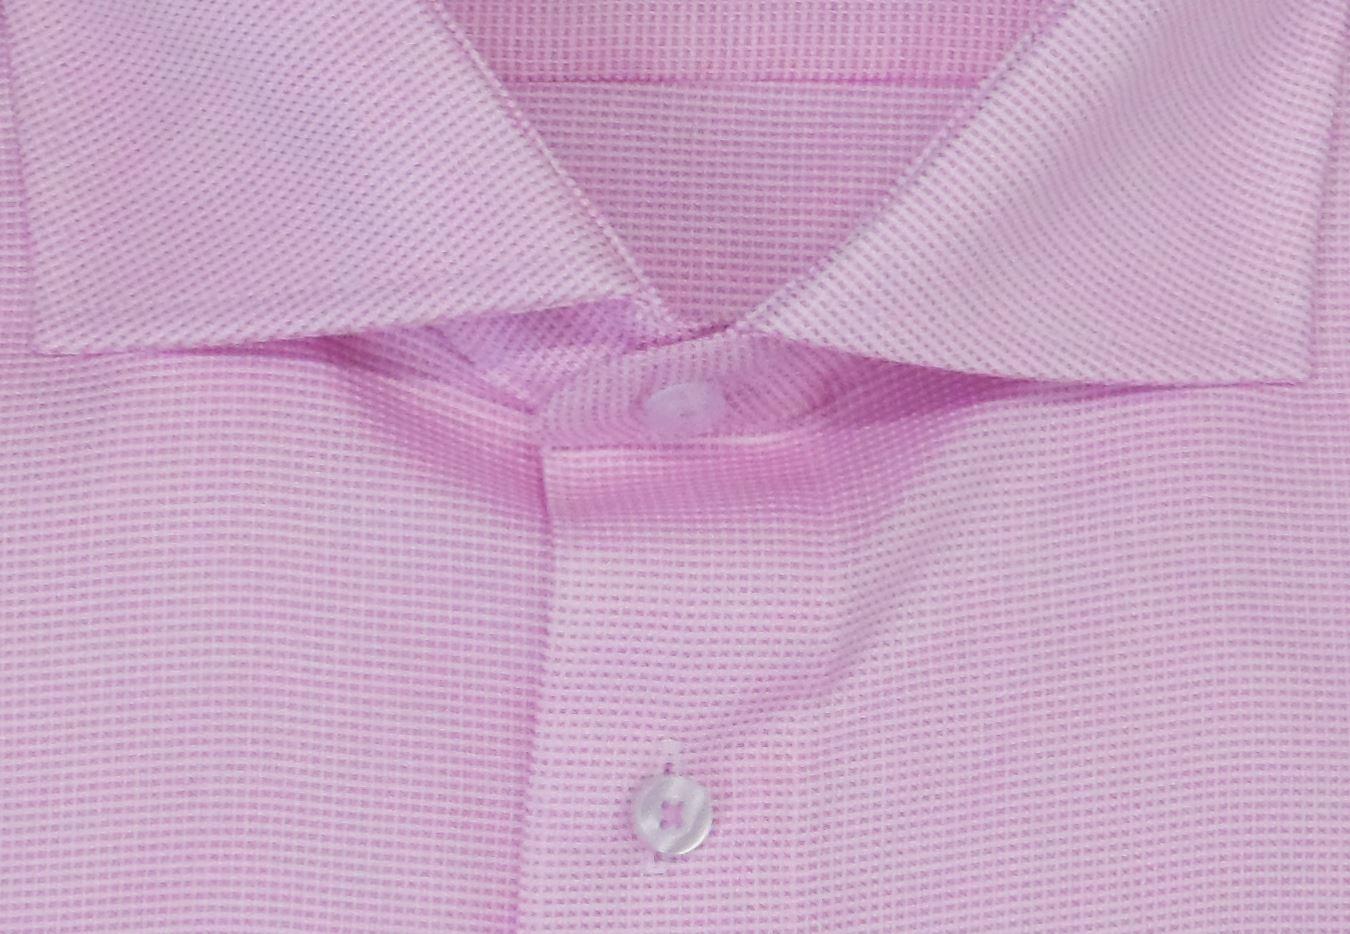 DOUBLE due Uomo Easy Care COTONE LS LS LS camicie formali (hanno) COLLARE 14.5-23  ,2 opzioni 37f66f